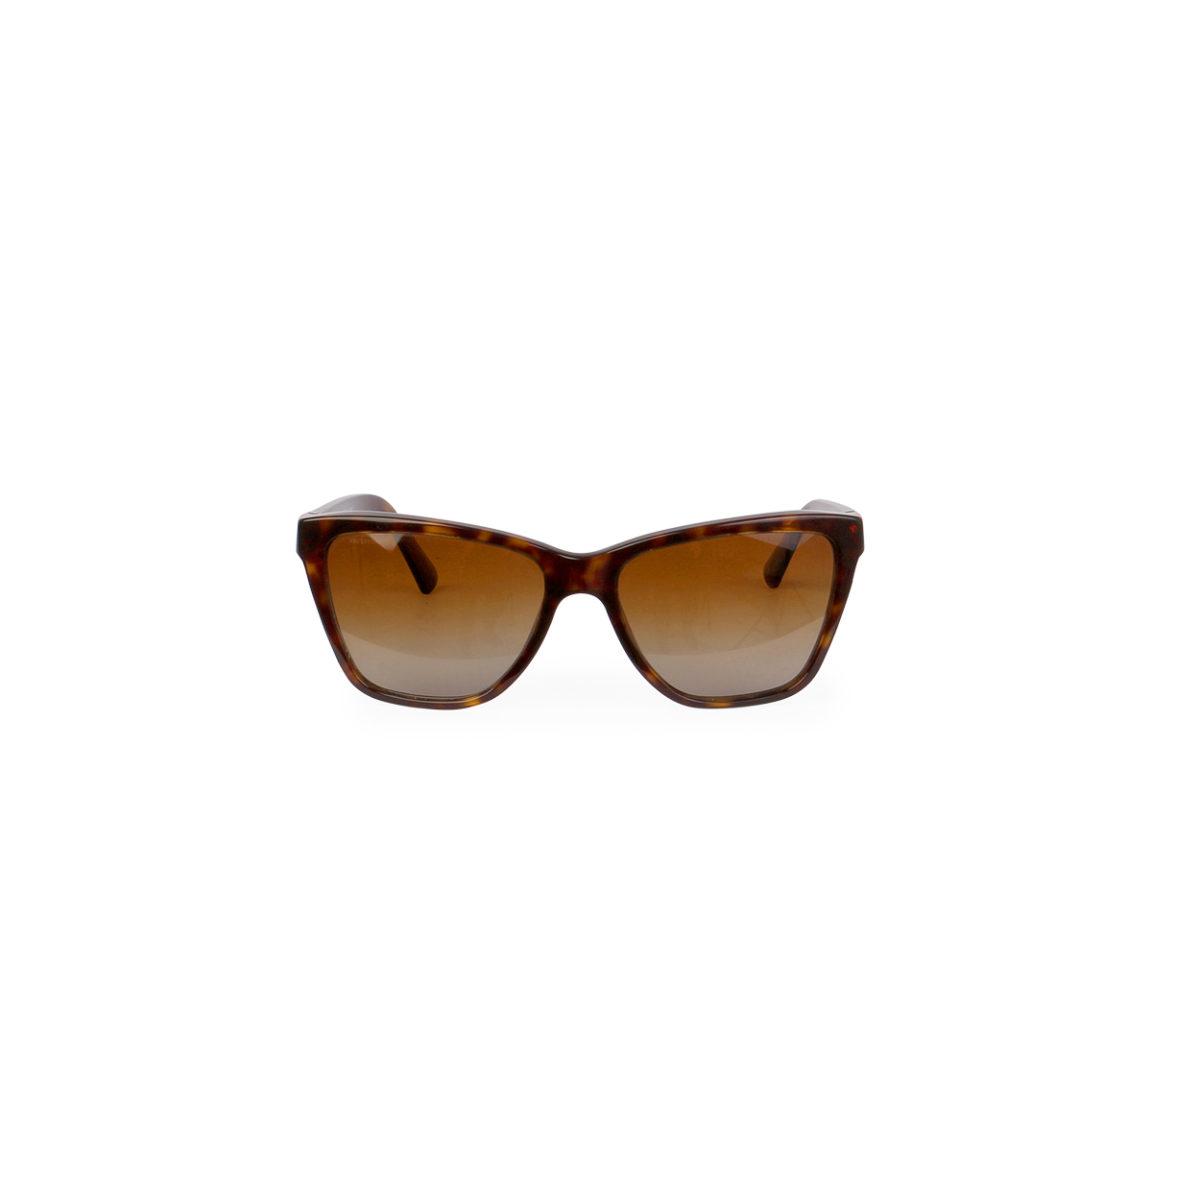 85dd9378fc Giorgio Armani Original Sunglasses